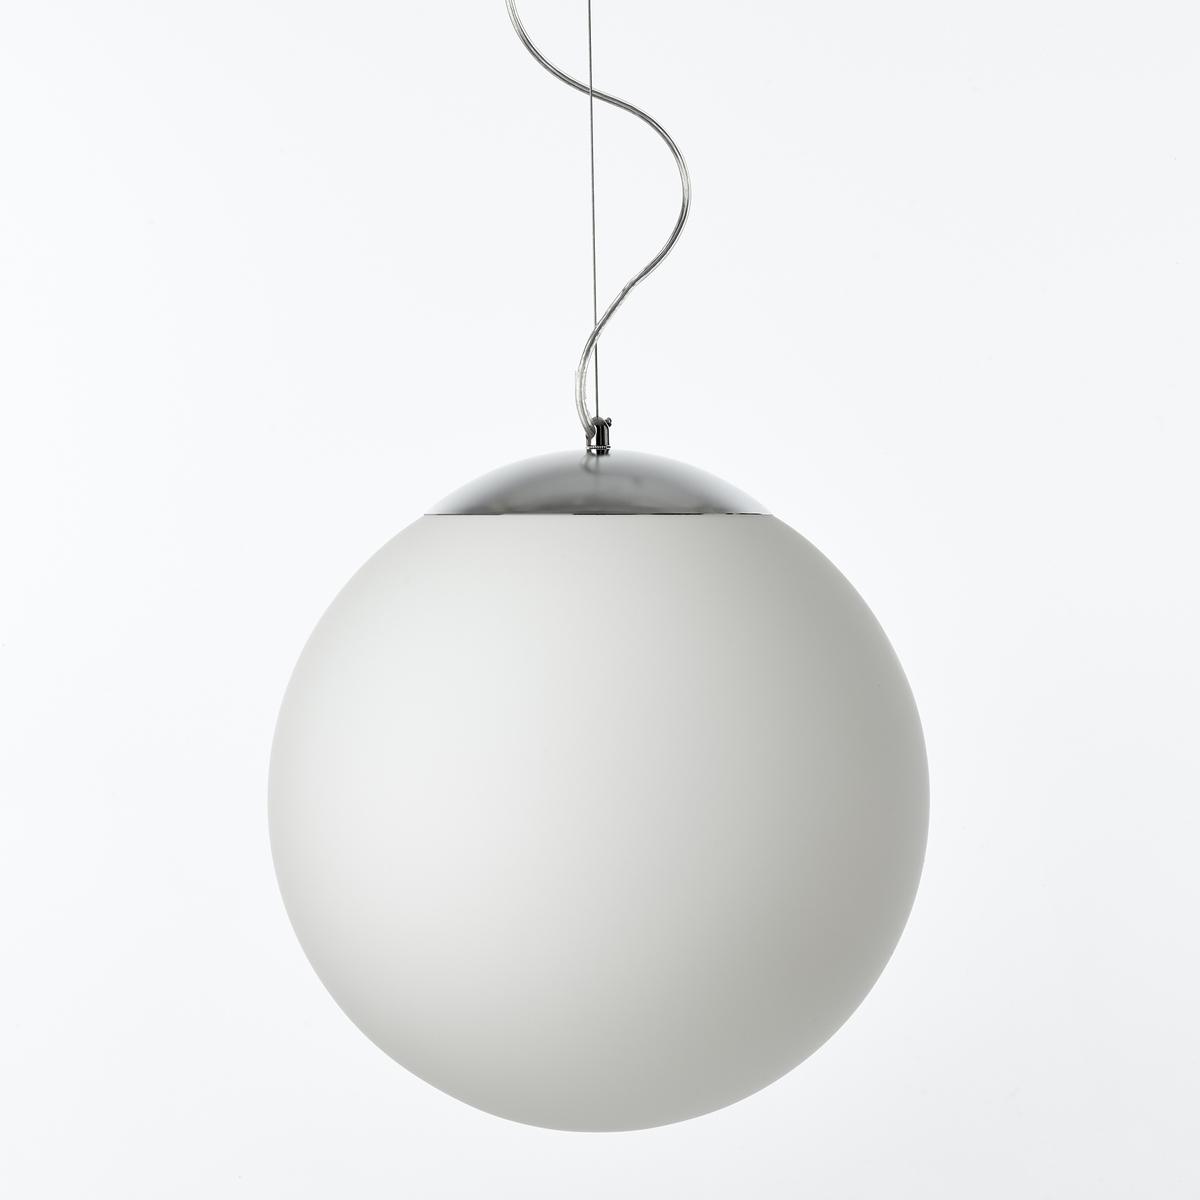 Люстра CocineroЛюстра Cocinero. Элегантная и воздушная люстра создаст приятную атмосферу в вашем доме.Характеристики :- Из опалового стекла, чаша и никелированного металла- Патрон E27 для флуоресцентной лампы макс. 20 Вт (продается отдельно)- Совместим с лампами класса энергопотребления A- B-C-D-E.   Размеры :- Колпак ?30 см- Длина кабеля 120 см<br><br>Цвет: опаловый белый